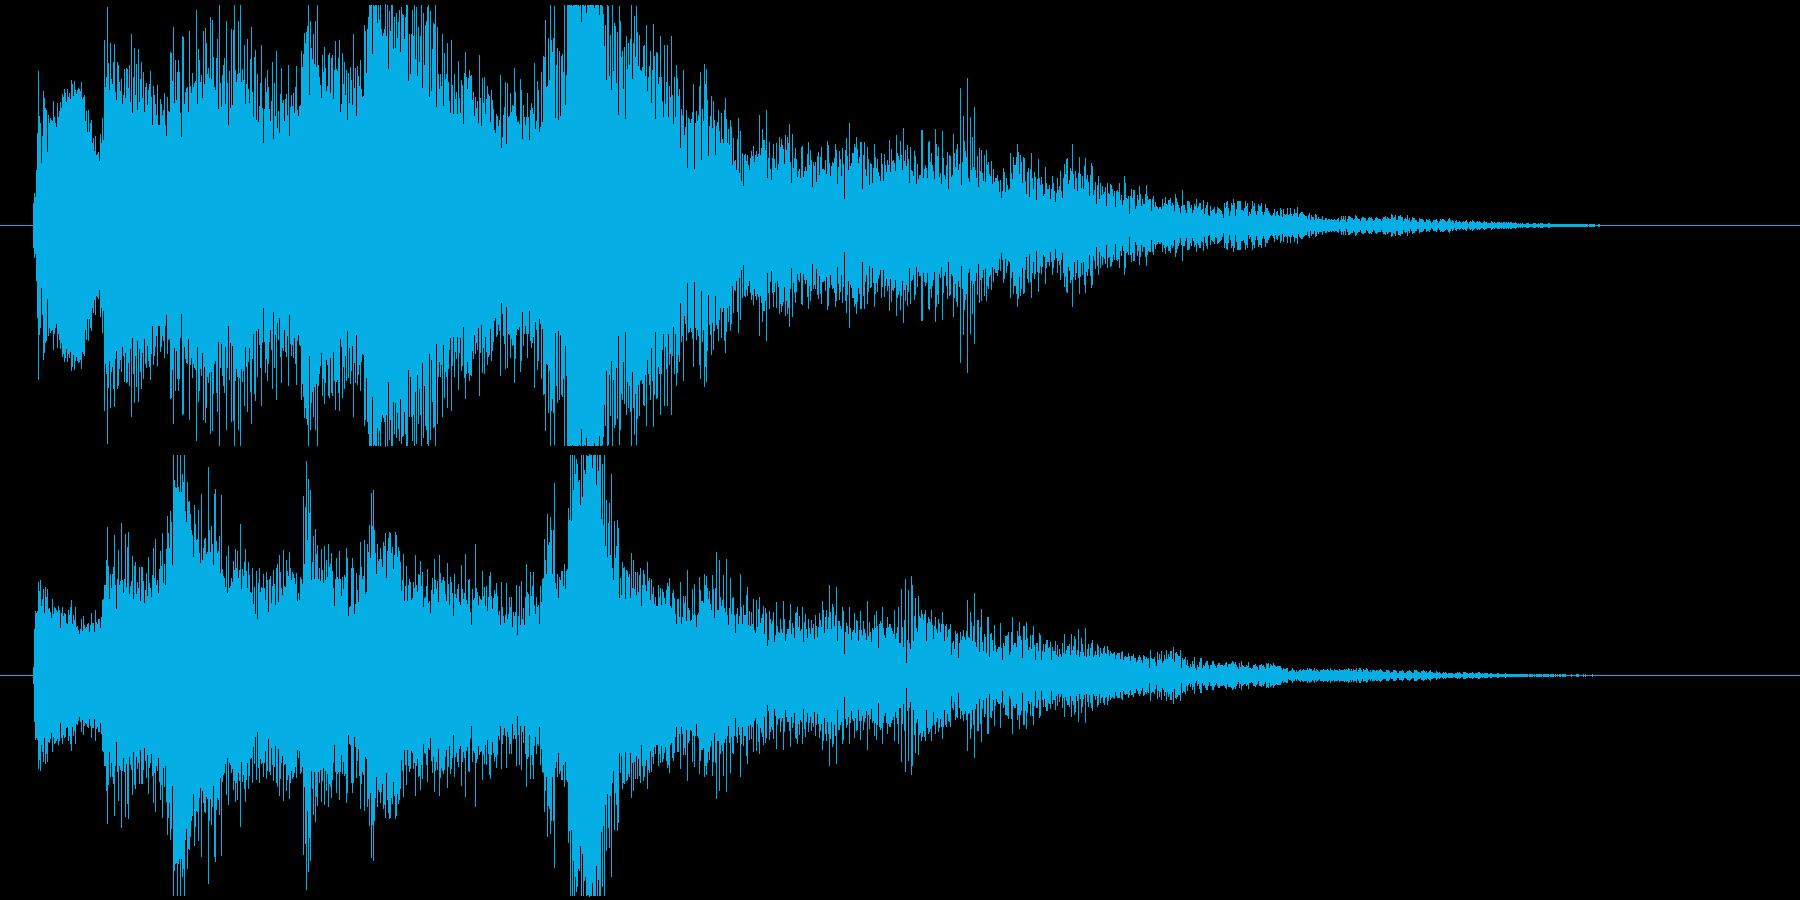 【フォーマル】企業系サウンドロゴの再生済みの波形